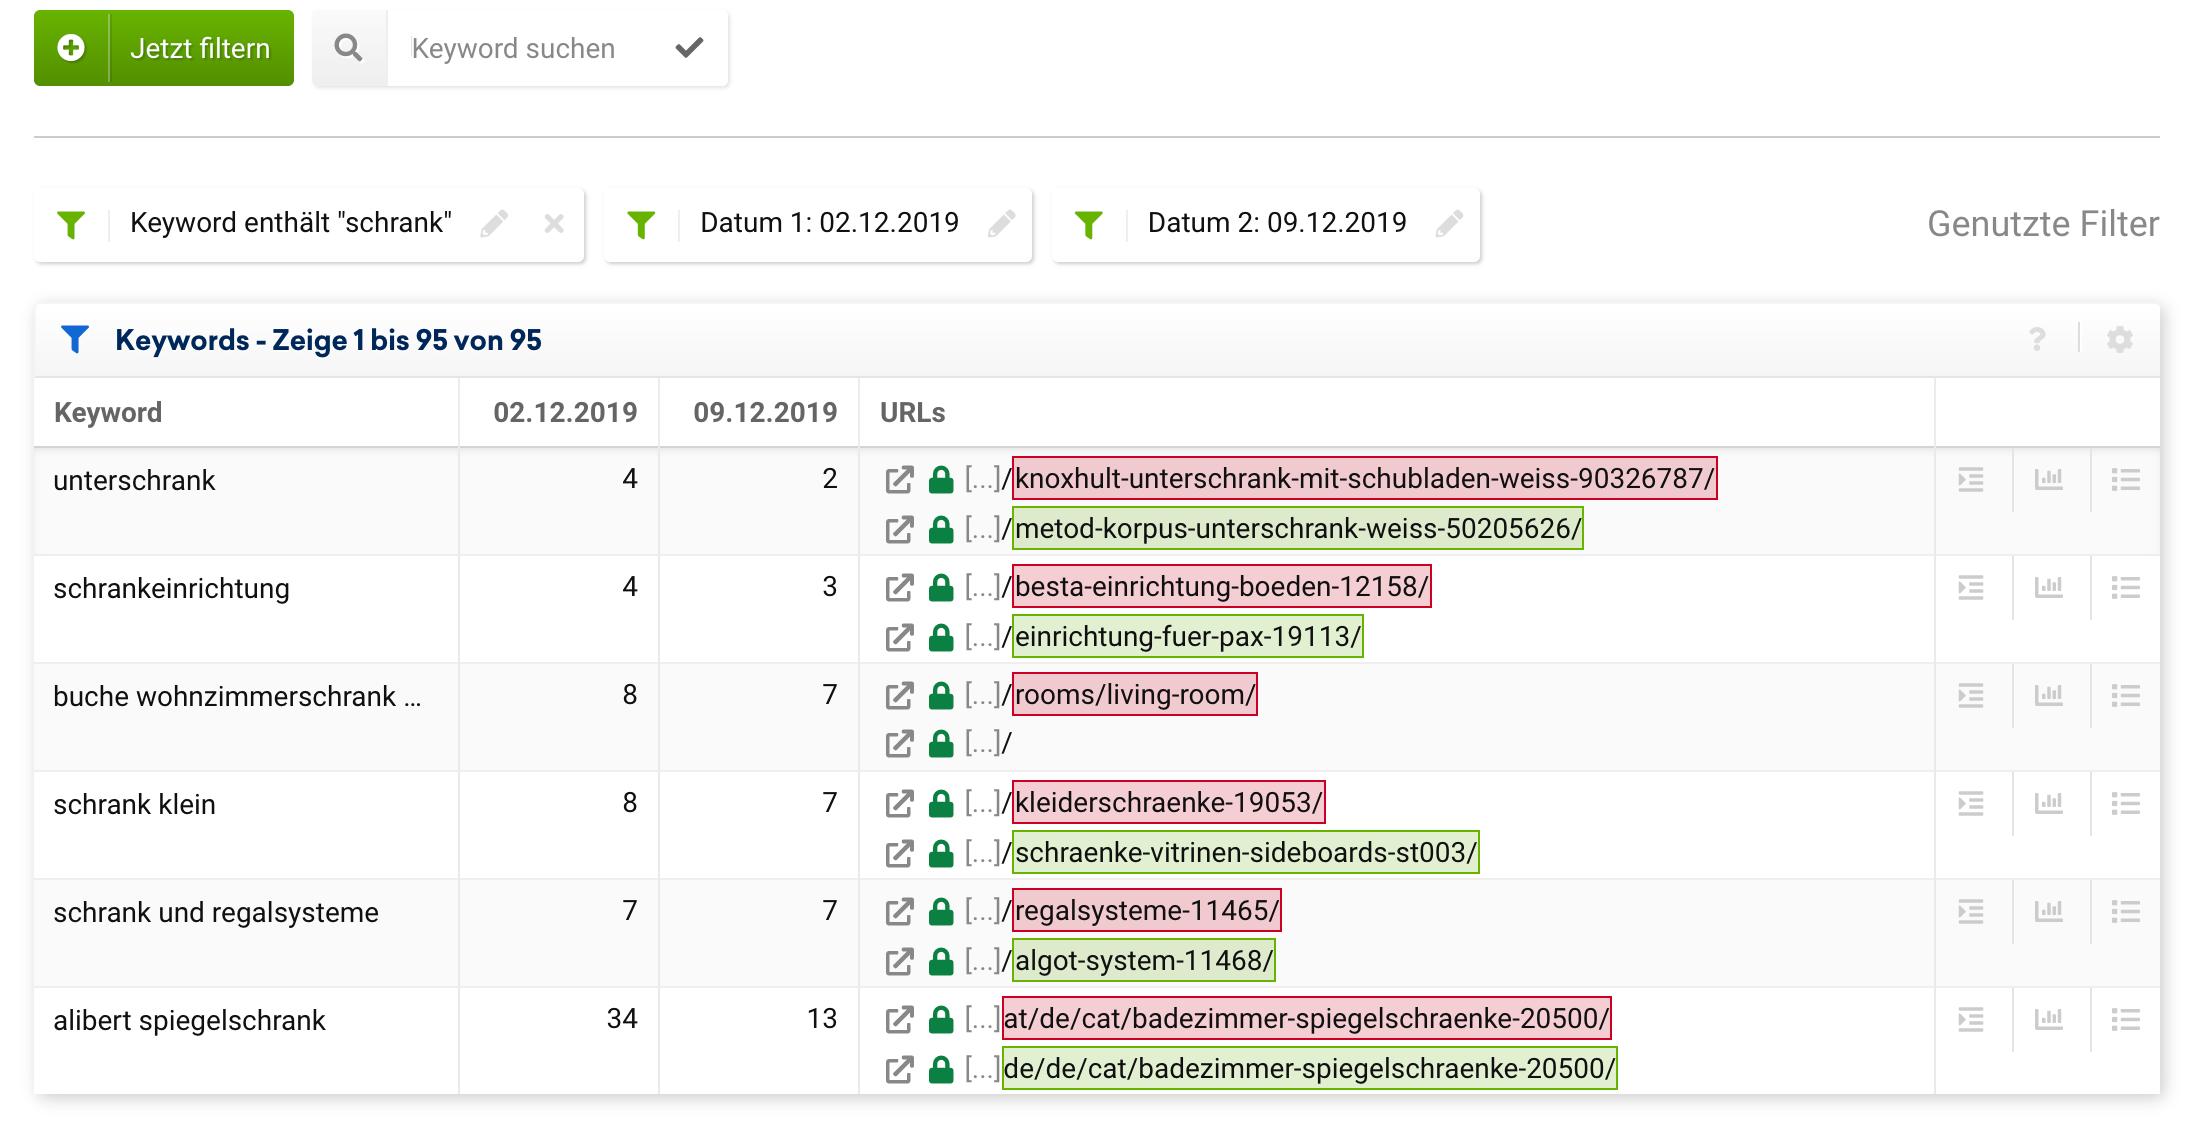 """Ansicht der """"URL-Veränderungen"""" Ansicht im SEO-Modul für die Domain ikea.com für die Änderungen vom 02.12.2019 auf den 09.12.2019. Es wurde der Filter """"Keyword enthält: schrank""""gesetzt. In der Tabelle werden die Keywords gezeigt, bei denen die Domain an den beiden Zeitpunkten ein Ranking hatte, jedoch mit einer unterschiedlichen URL gerankt sind."""